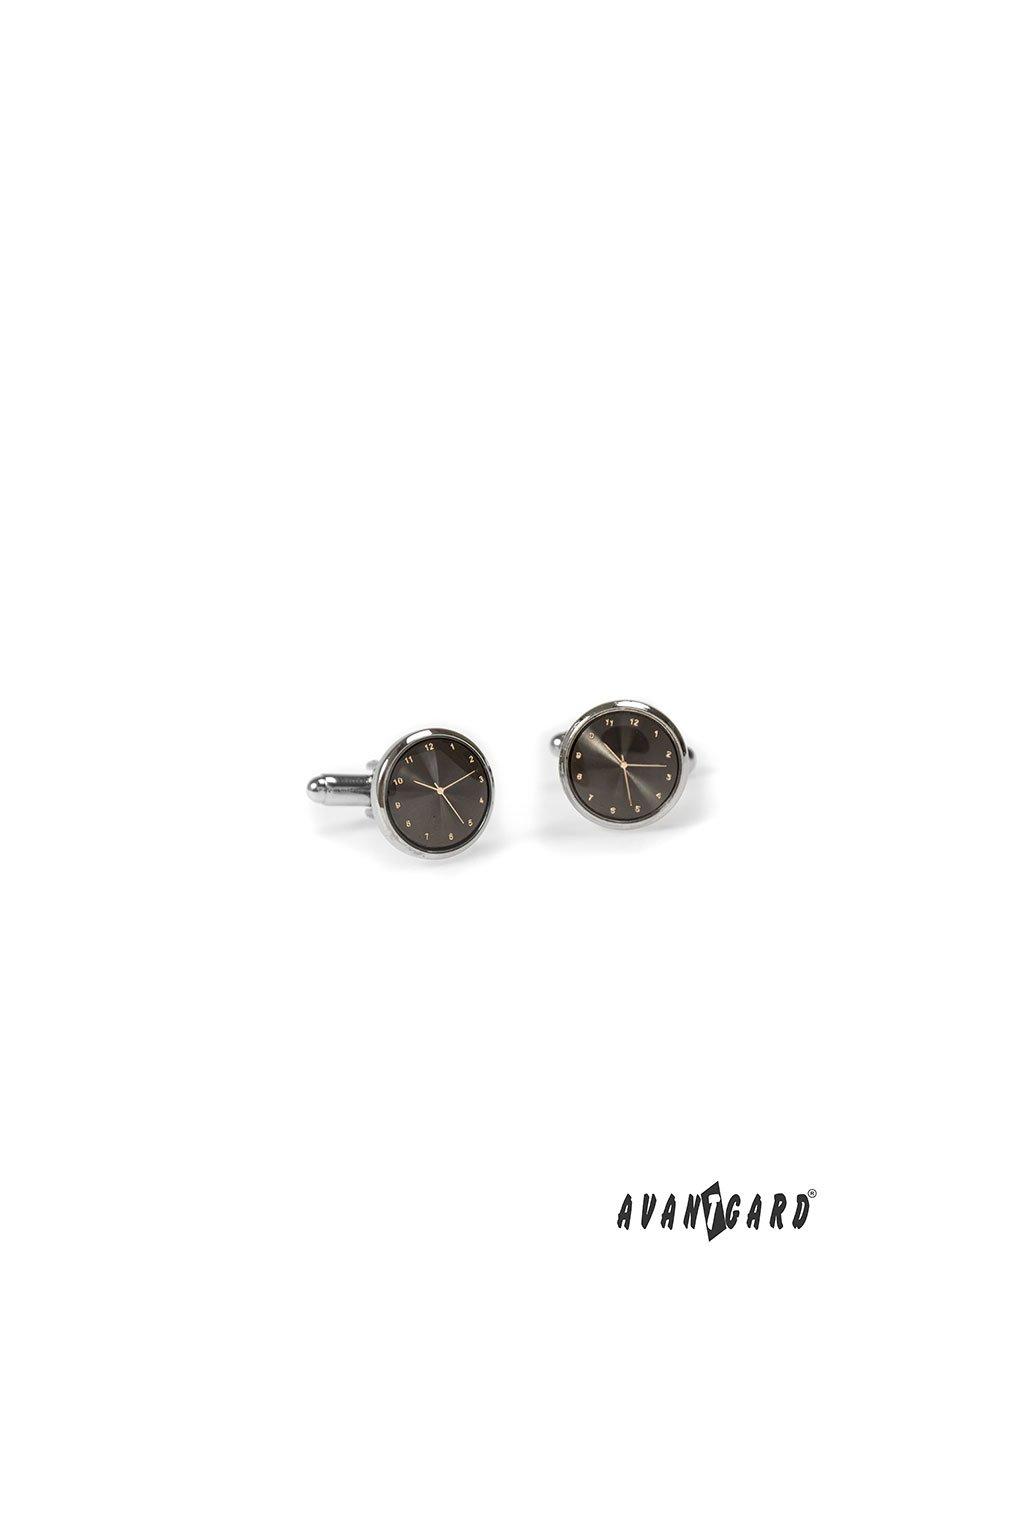 Manžetové knoflíčky CLOCK, 573-20530, Stříbrná lesk/grafitová